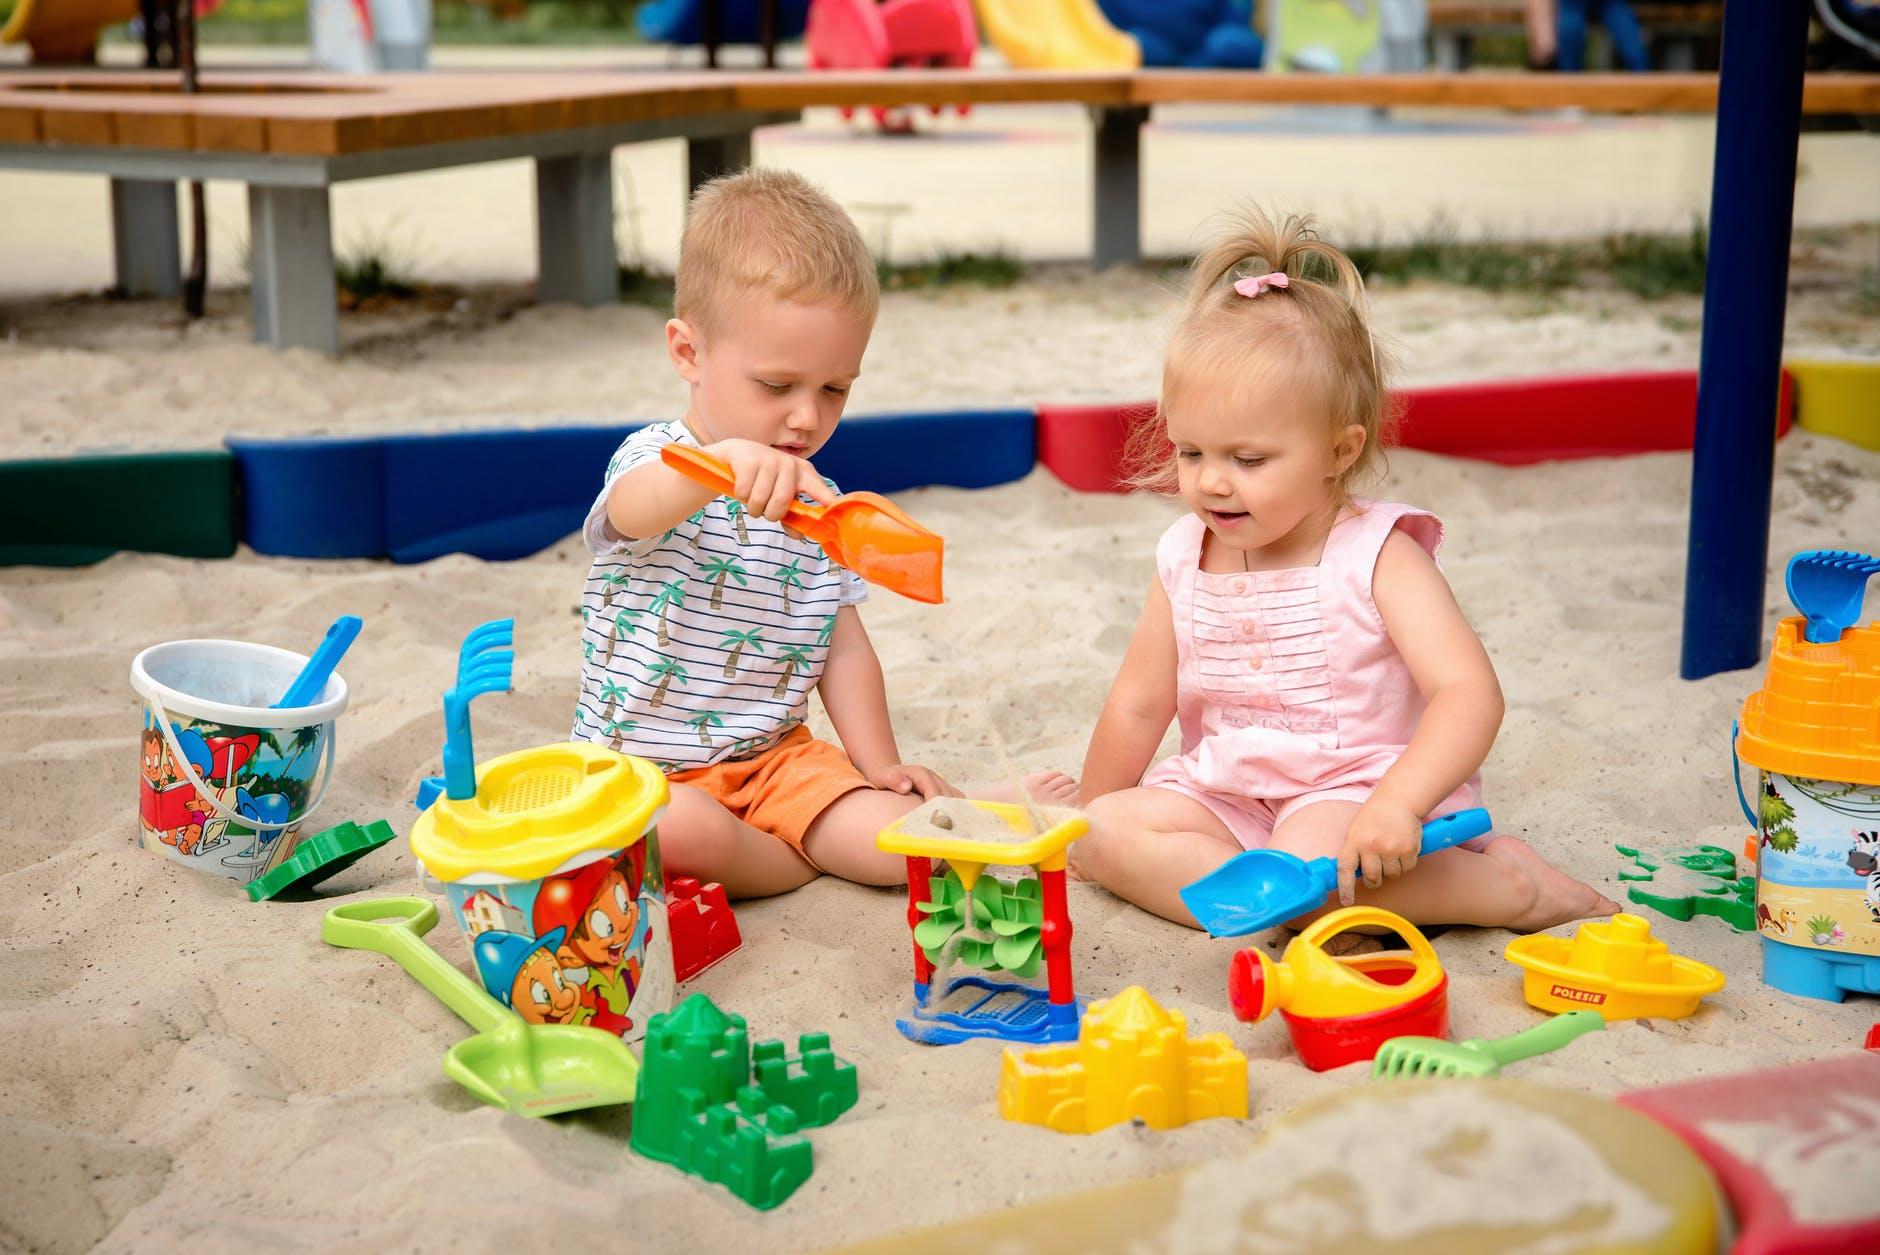 Zwei Kinder spielen im Sand mit Sandspielzeug.